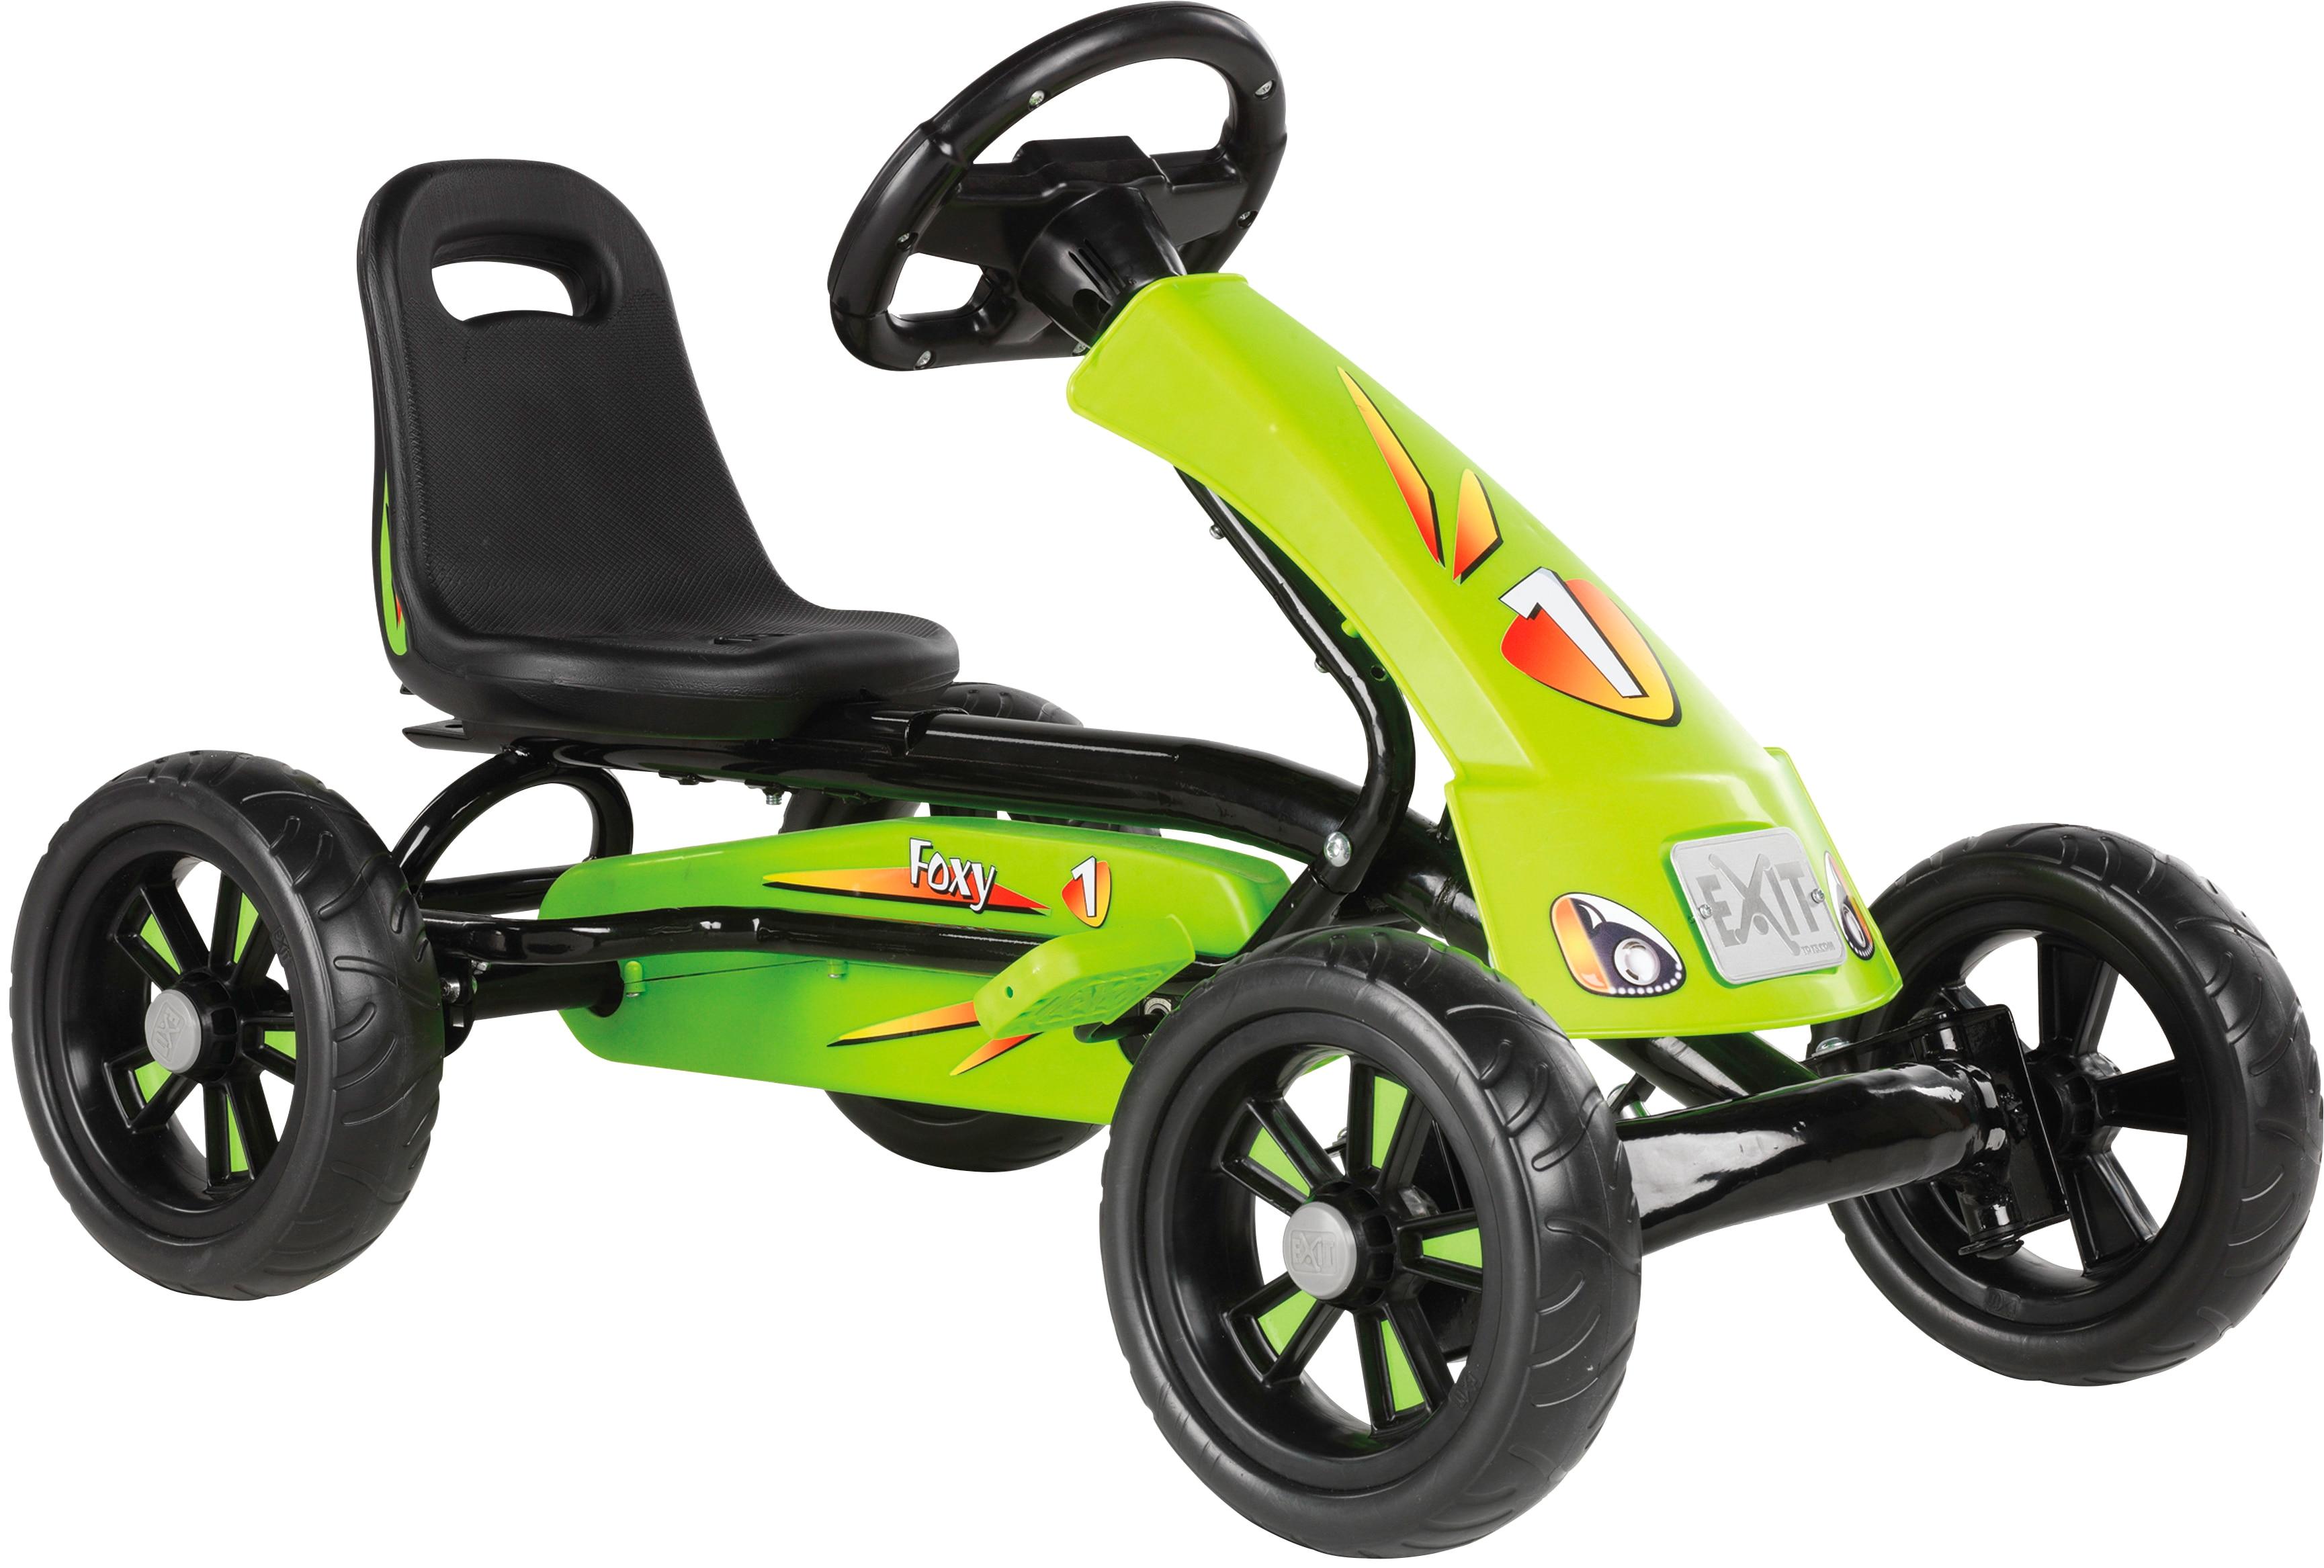 EXIT Go-Kart Foxy Pedal, für Kinder von 2-5 Jahren grün Kettcar Tretfahrzeug Kinderfahrzeuge